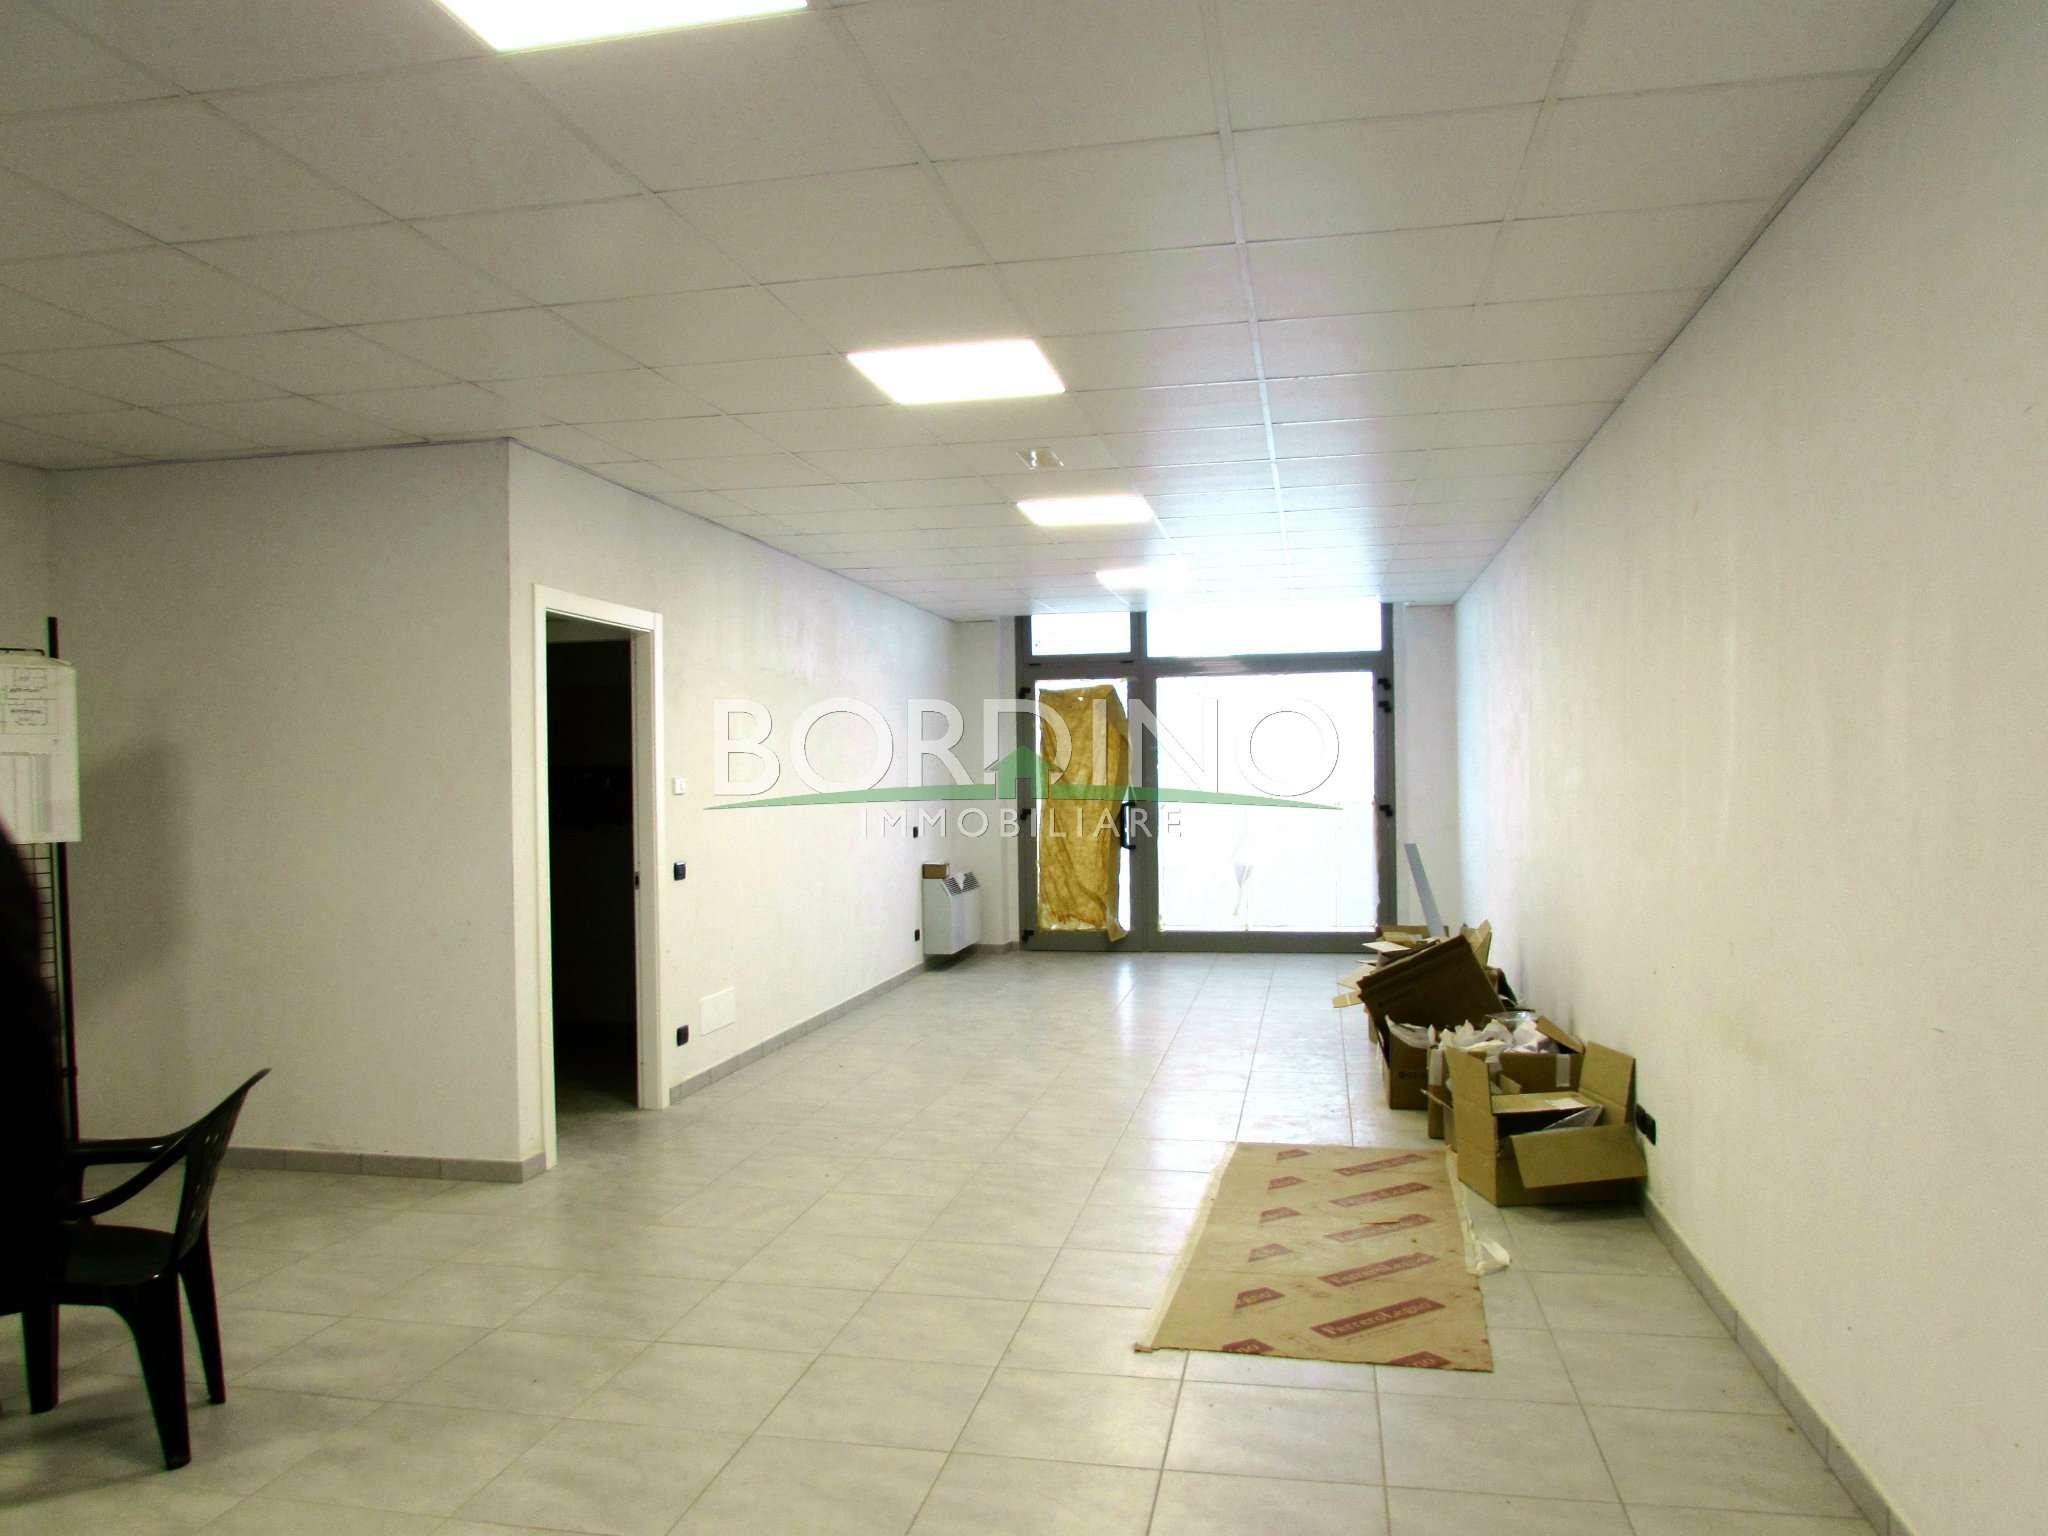 Ufficio / Studio in affitto a Magliano Alfieri, 1 locali, prezzo € 700 | Cambio Casa.it